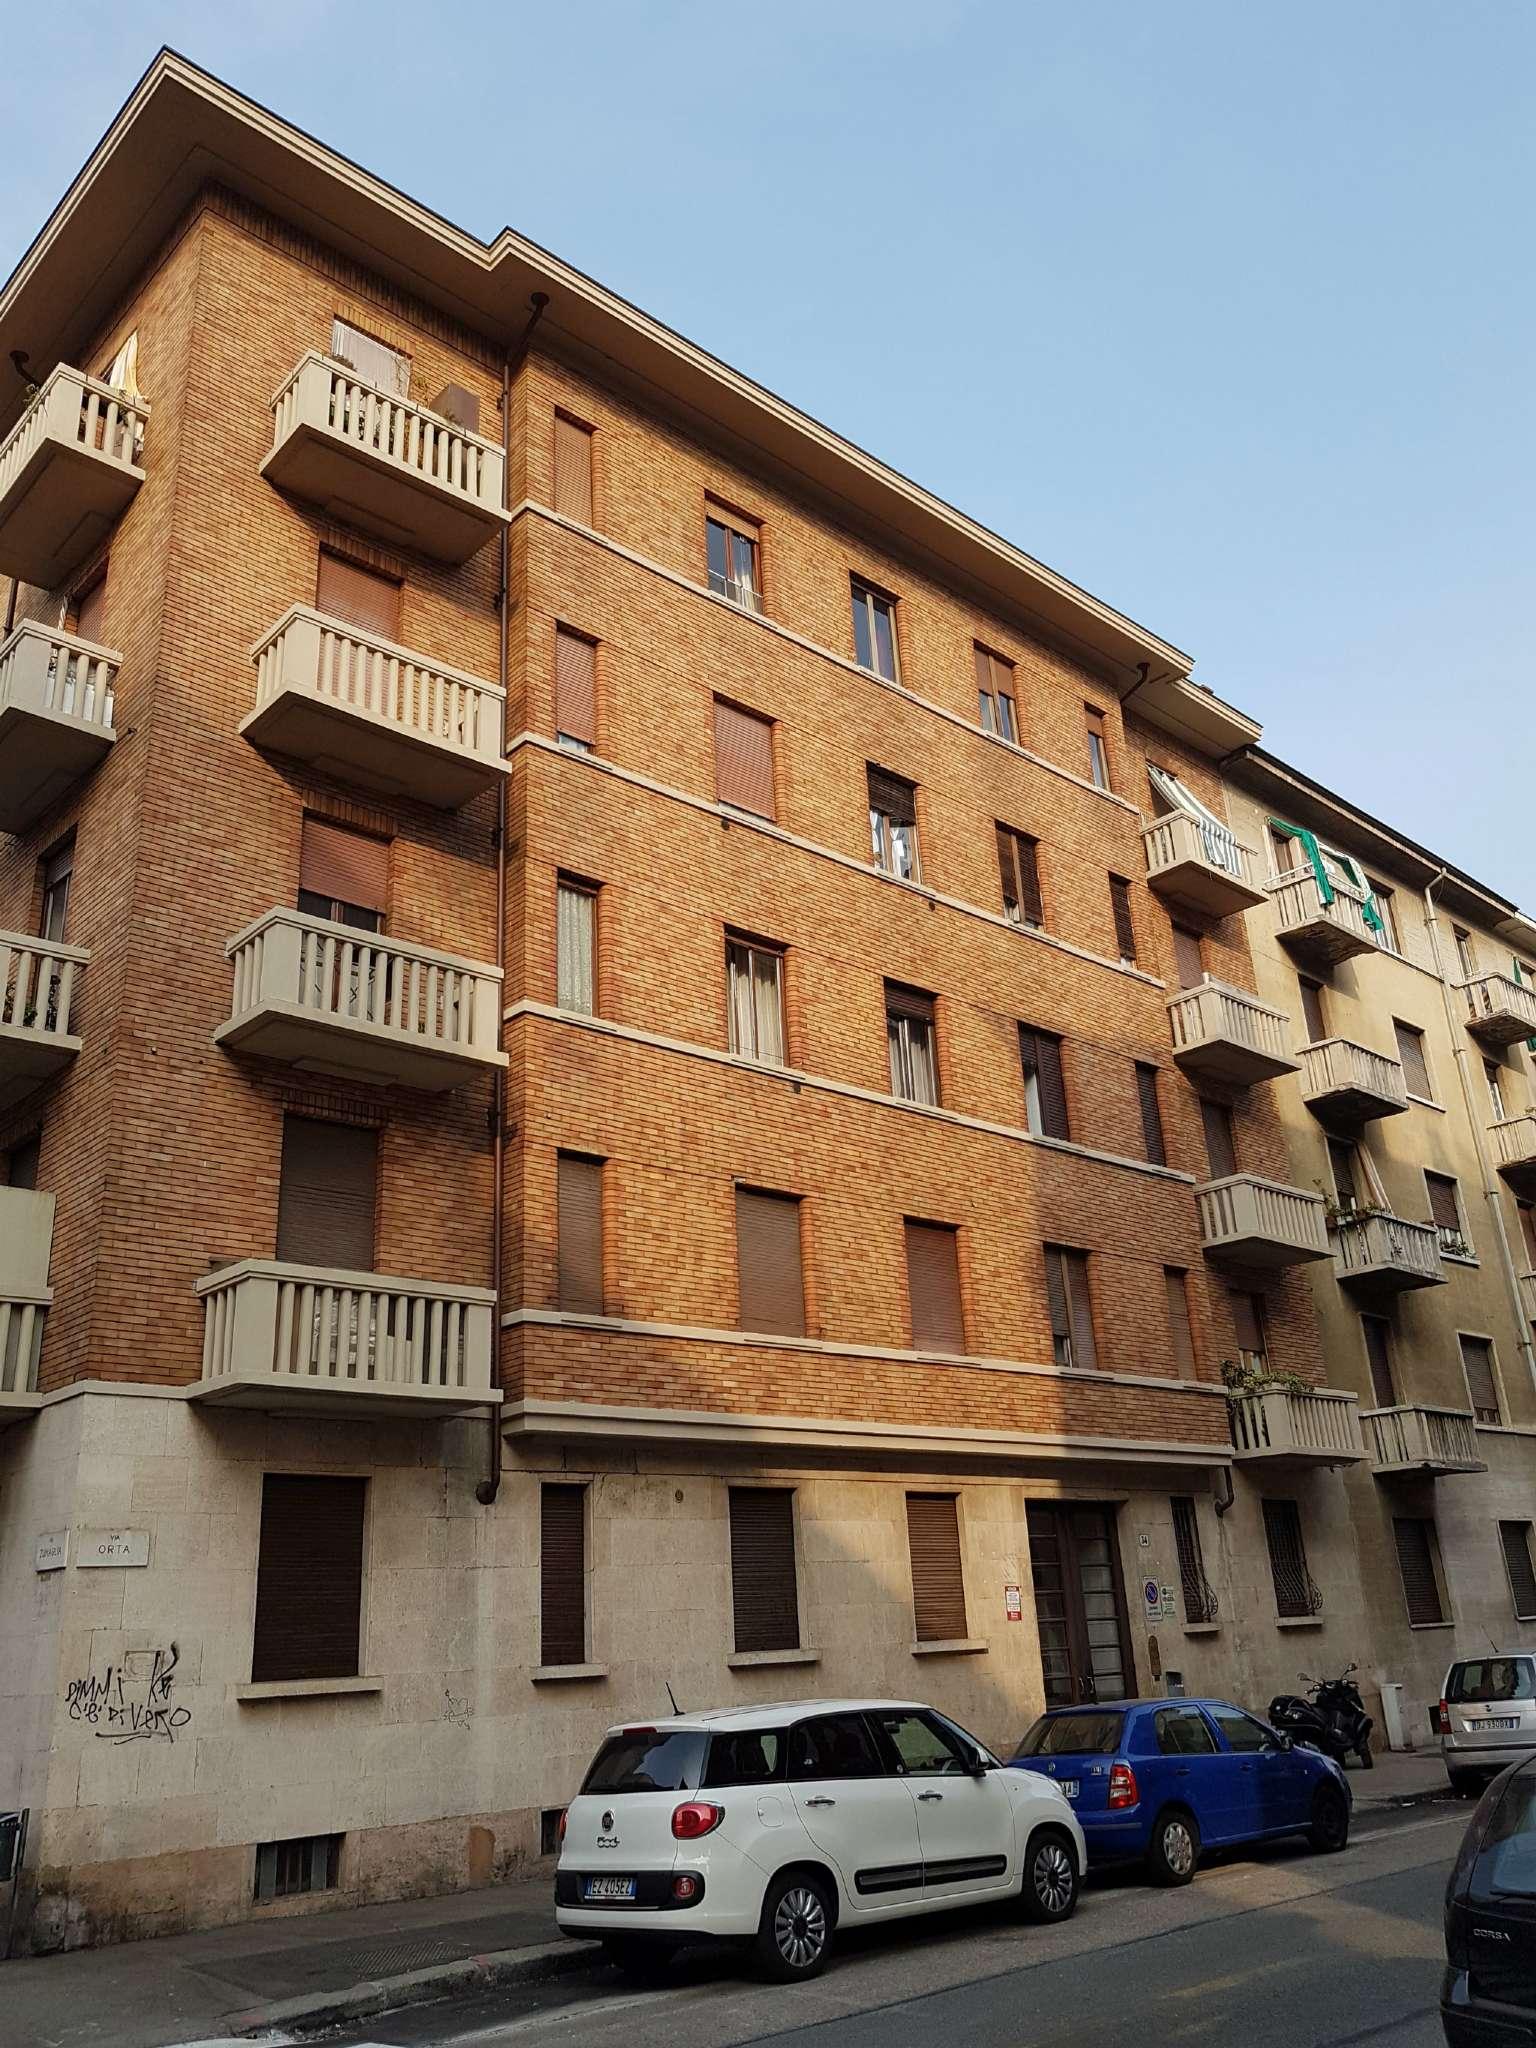 Vendita - Appartamento - Torino - PARELLA VIA ORTA TRILOCALE ? 73.000